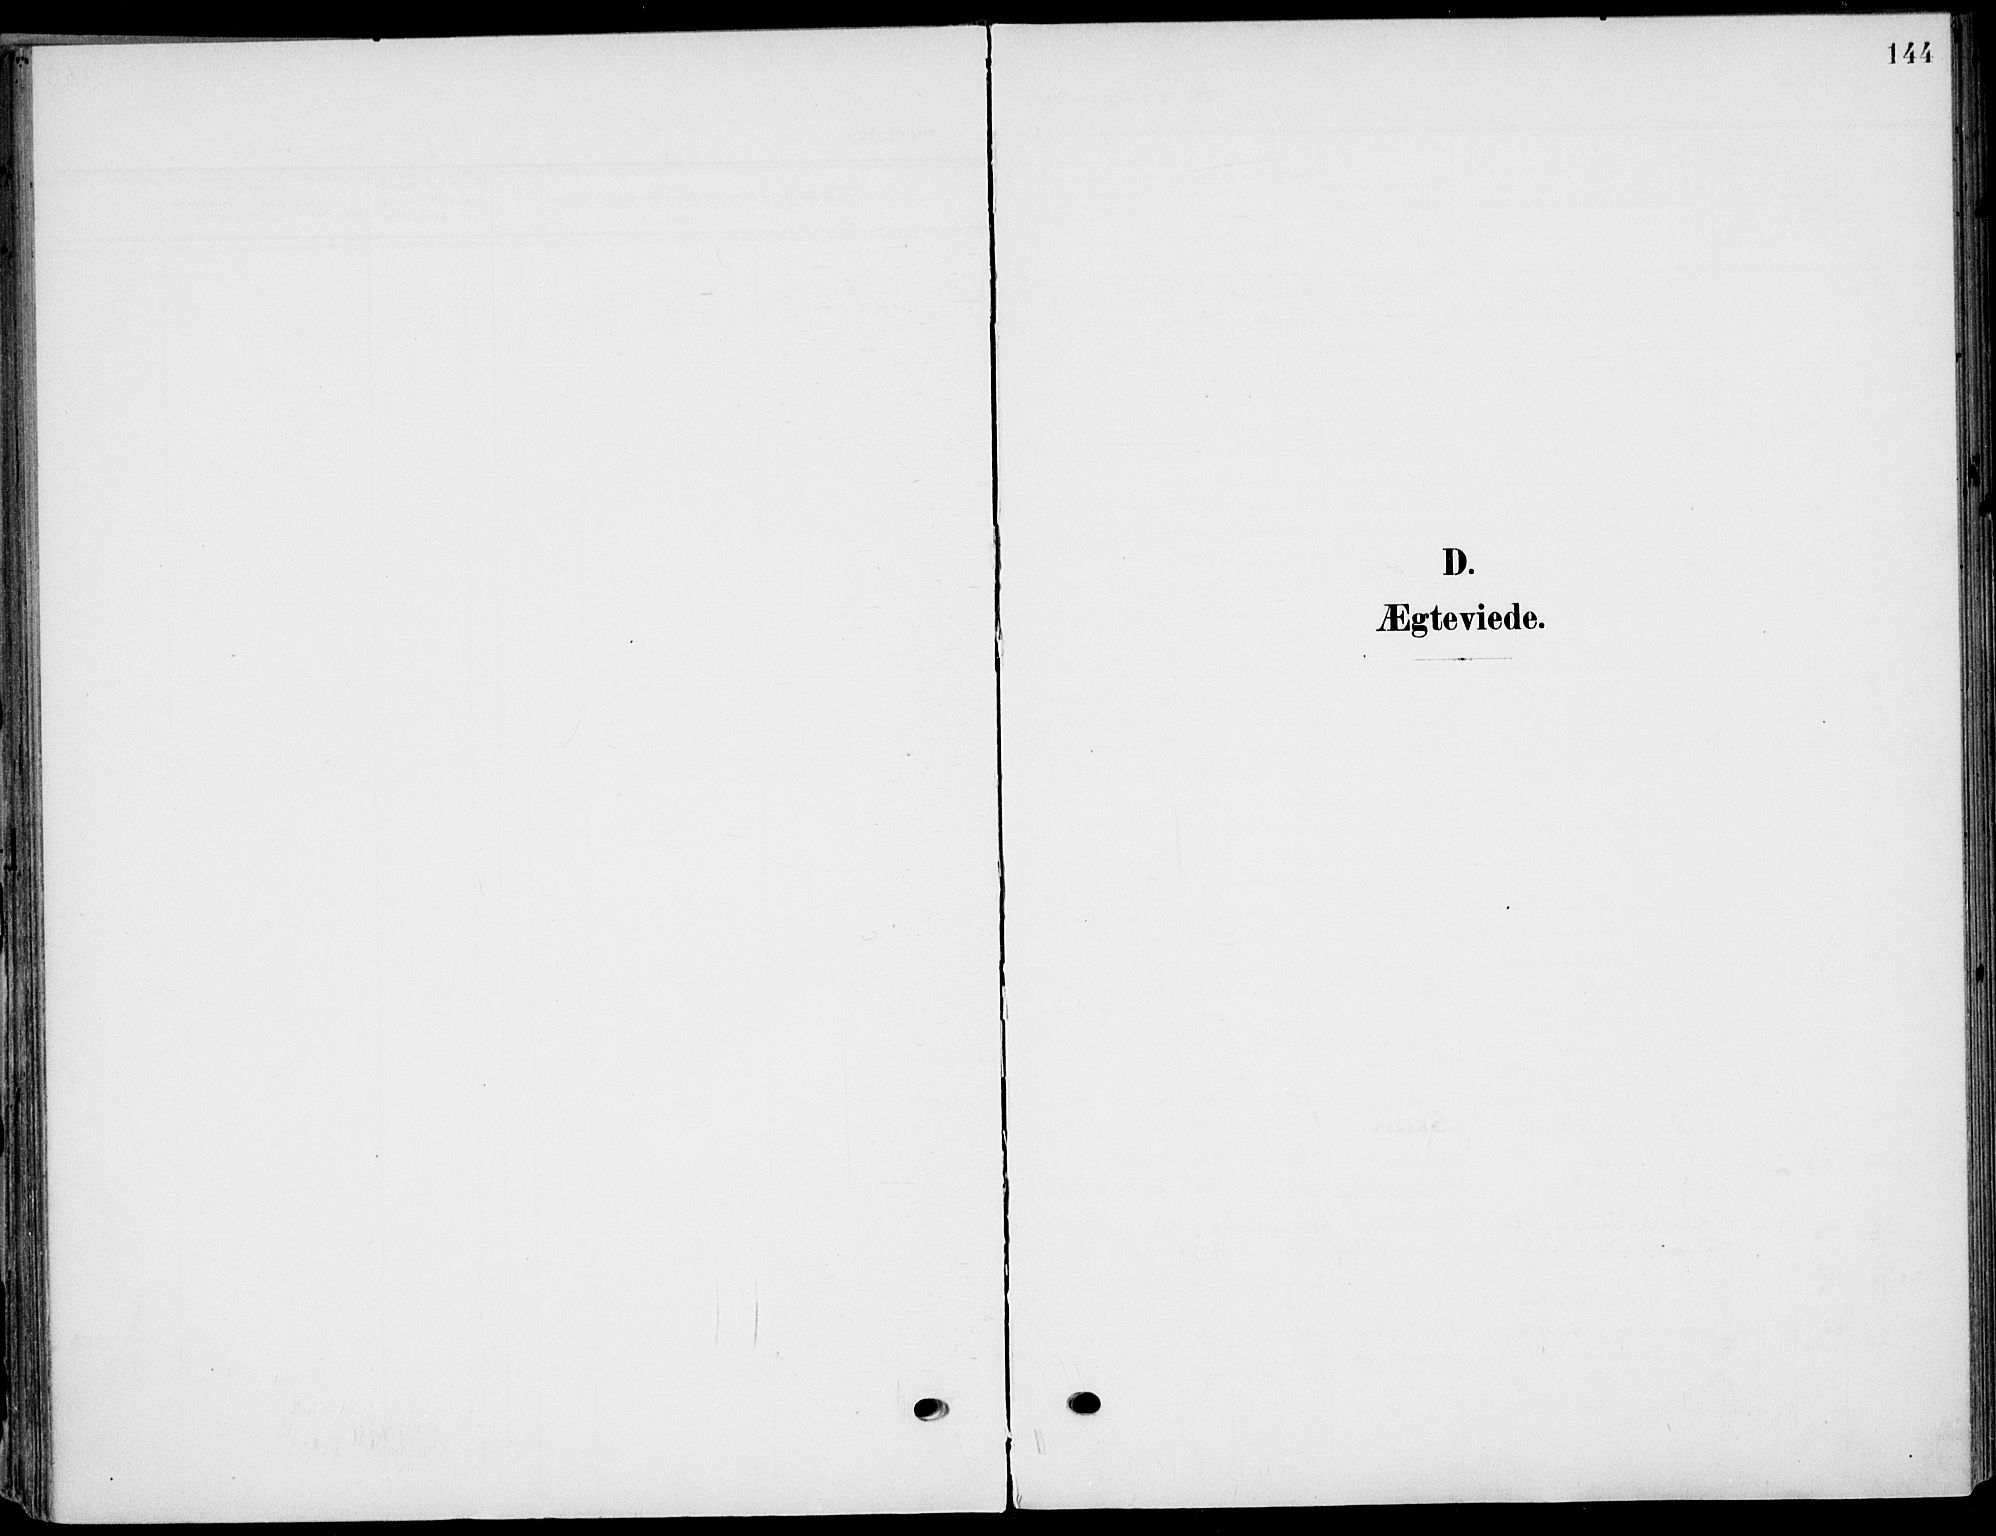 SAKO, Eidanger kirkebøker, F/Fa/L0013: Ministerialbok nr. 13, 1900-1913, s. 144